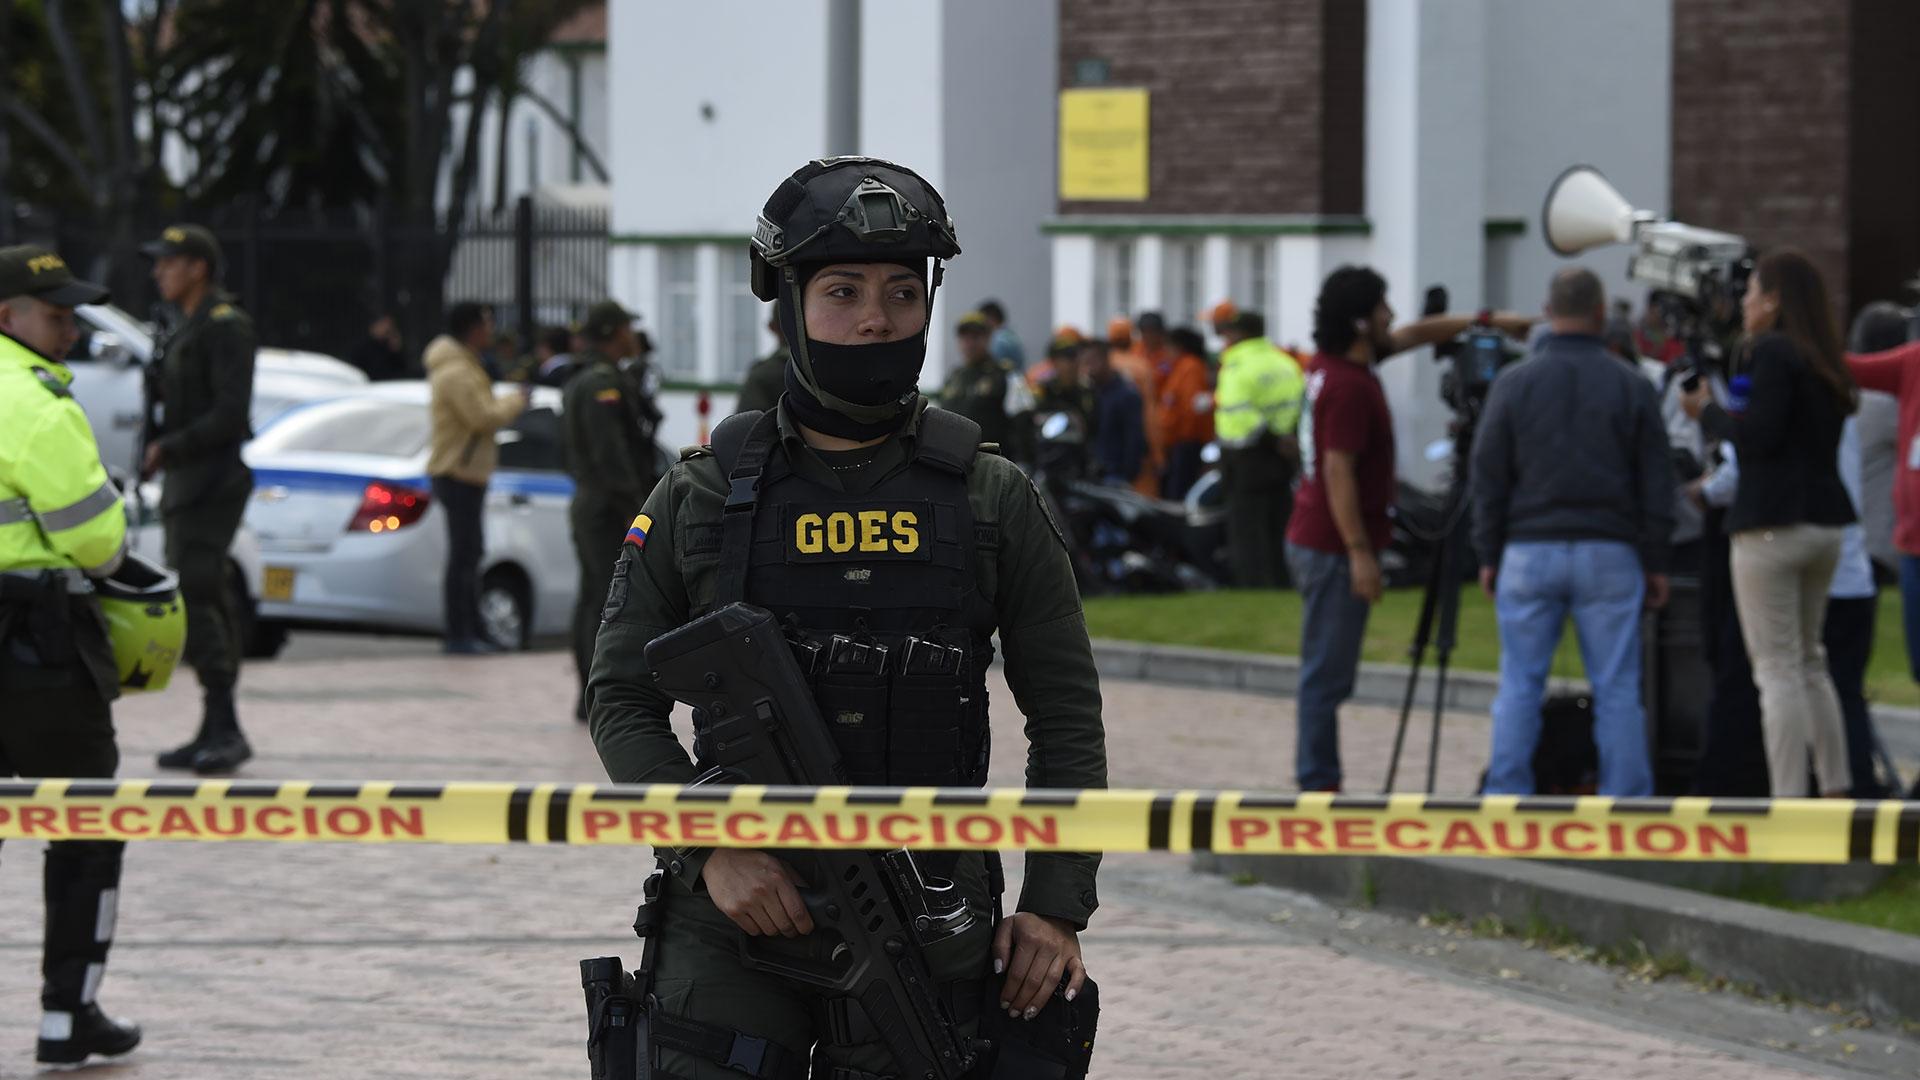 Al momento de la detonación, varios transeúntes resultaron heridos y otros más muertos (AFP)